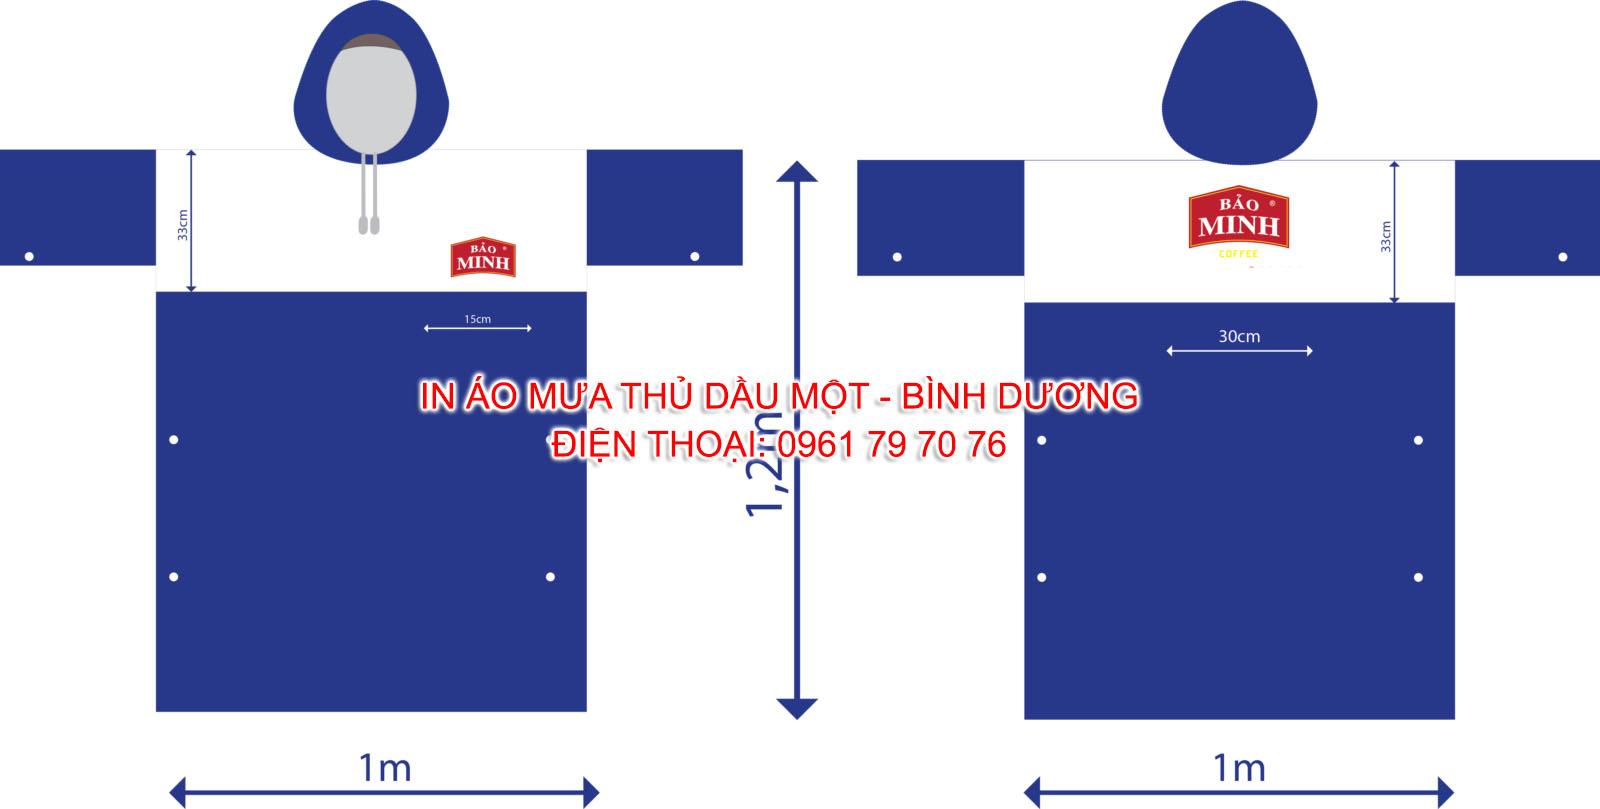 In Ao Mua Thu Dau Mot Binh Duong